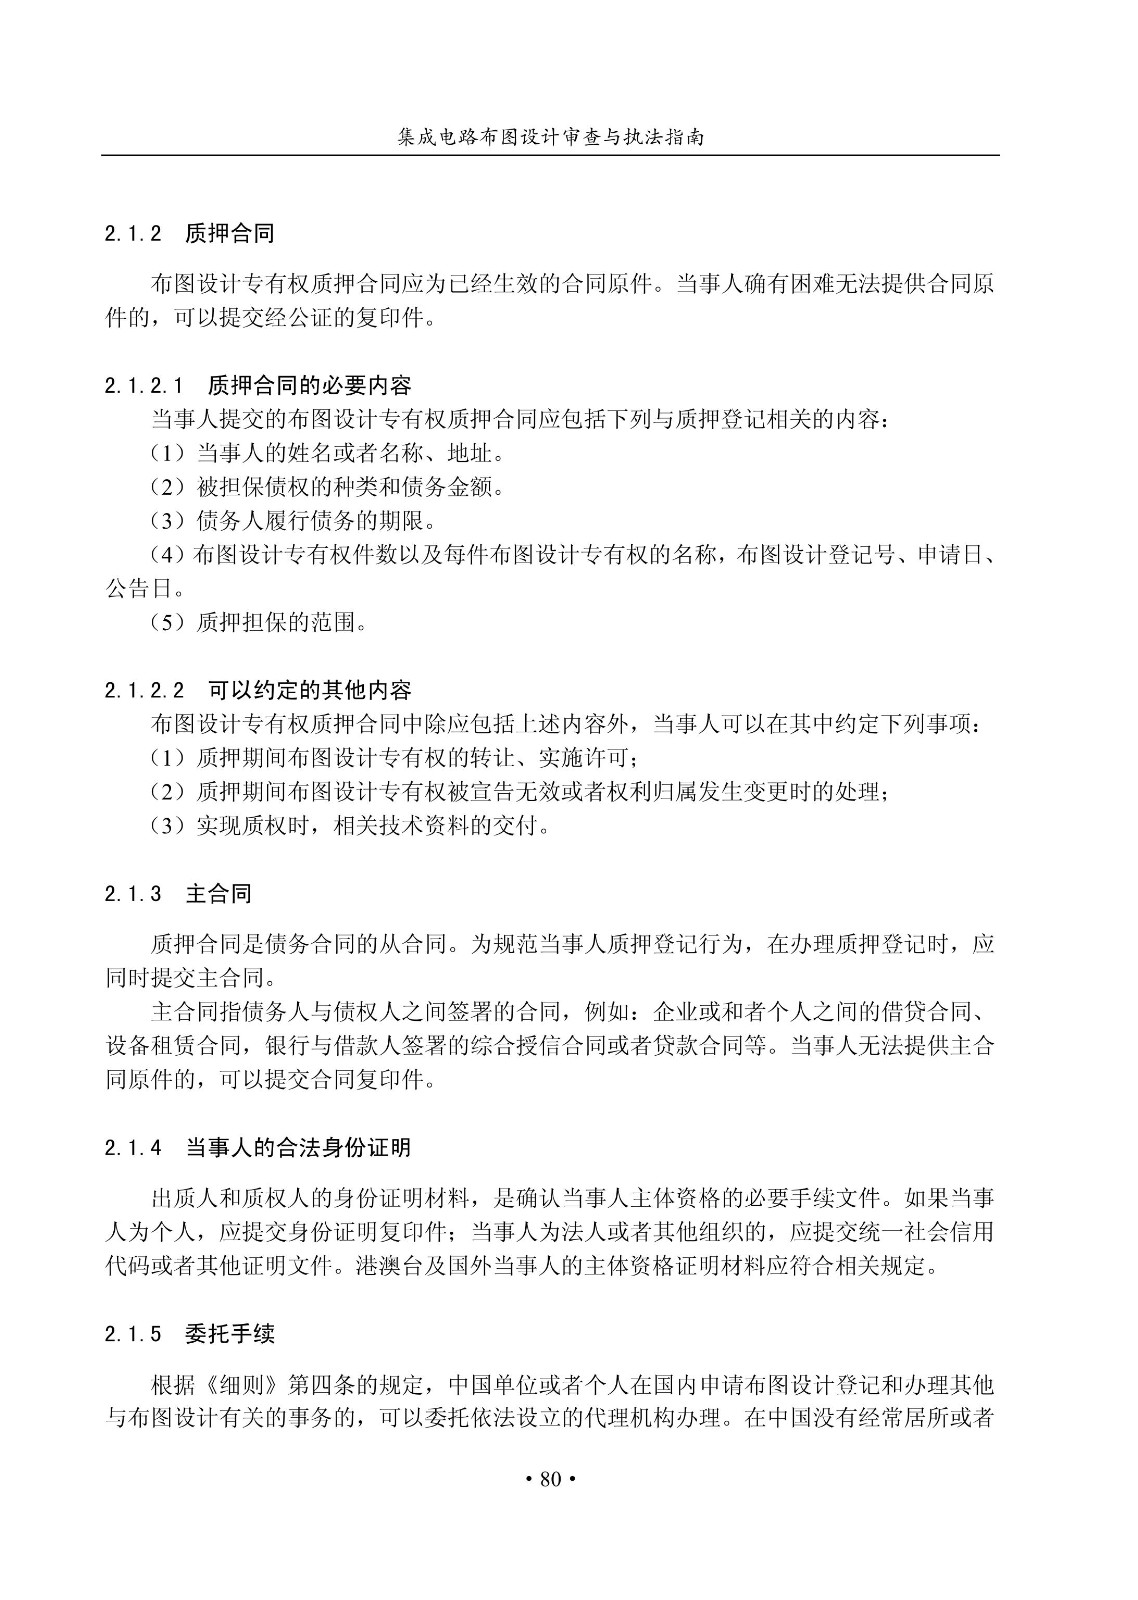 国知局:《集成电路布图设计审查与执法指南(试行)》全文发布!